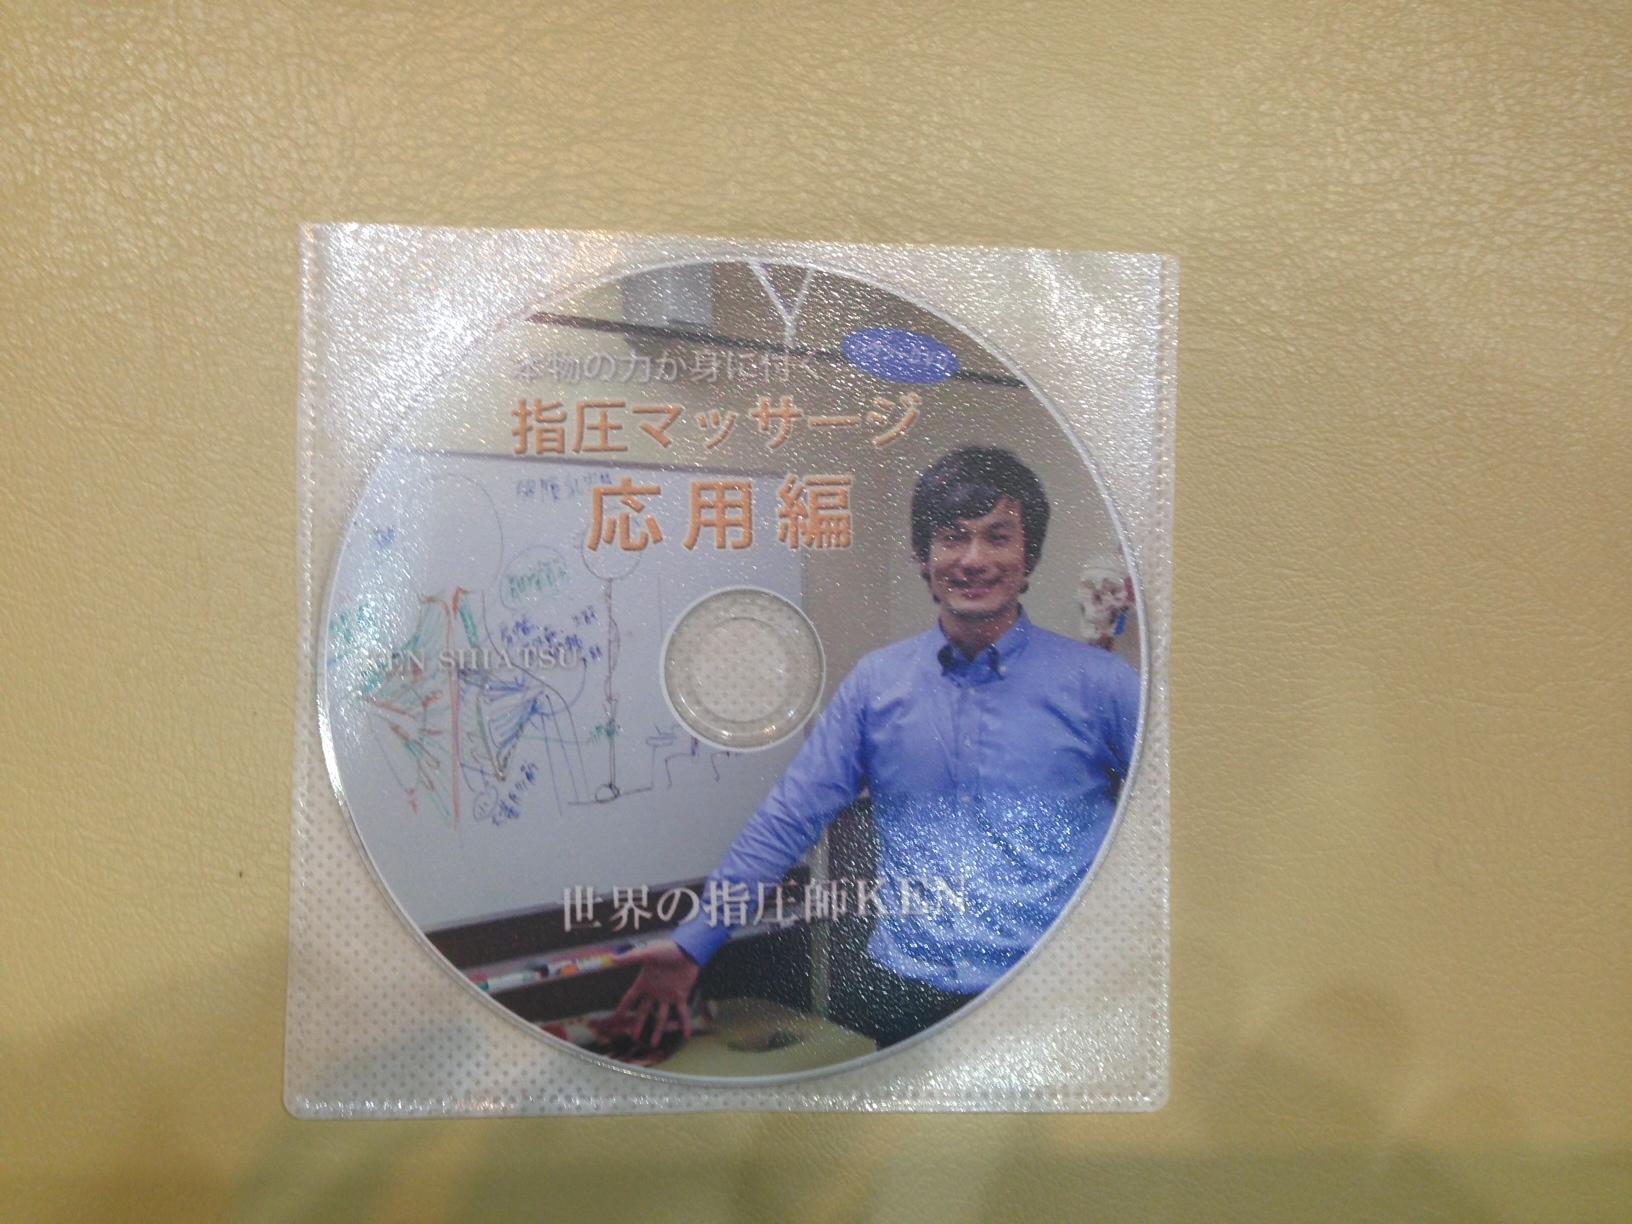 全身指圧DVD 応用編